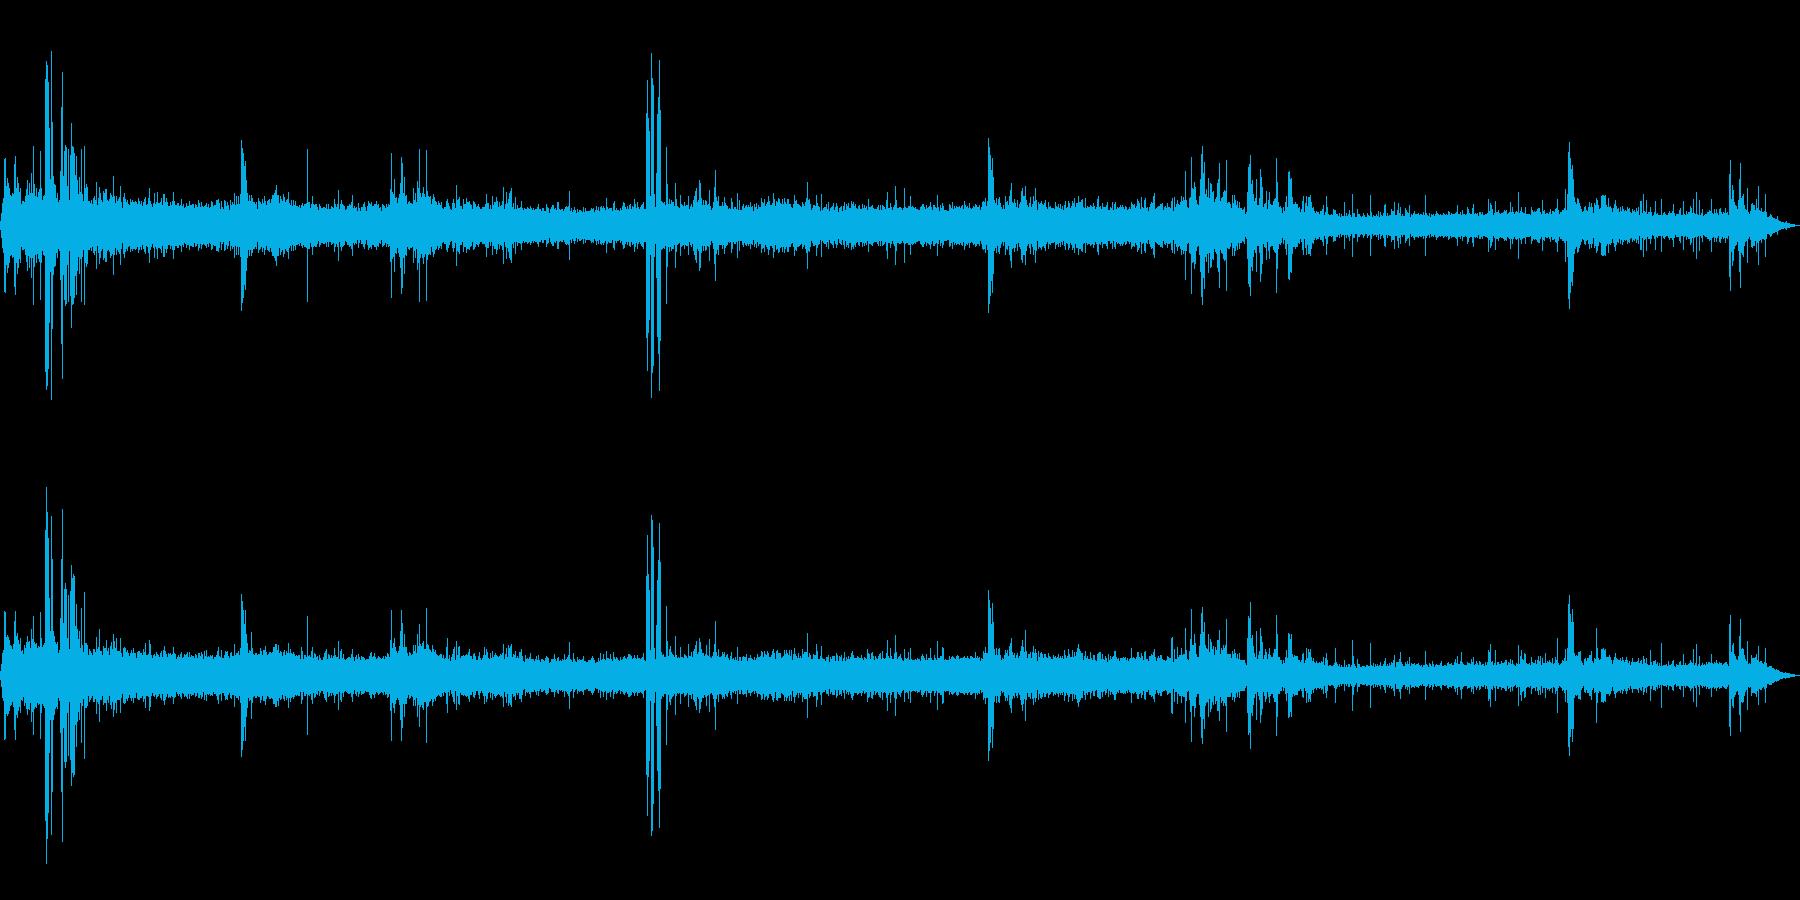 [生録音]雷雨(ゲリラ豪雨)の環境音01の再生済みの波形